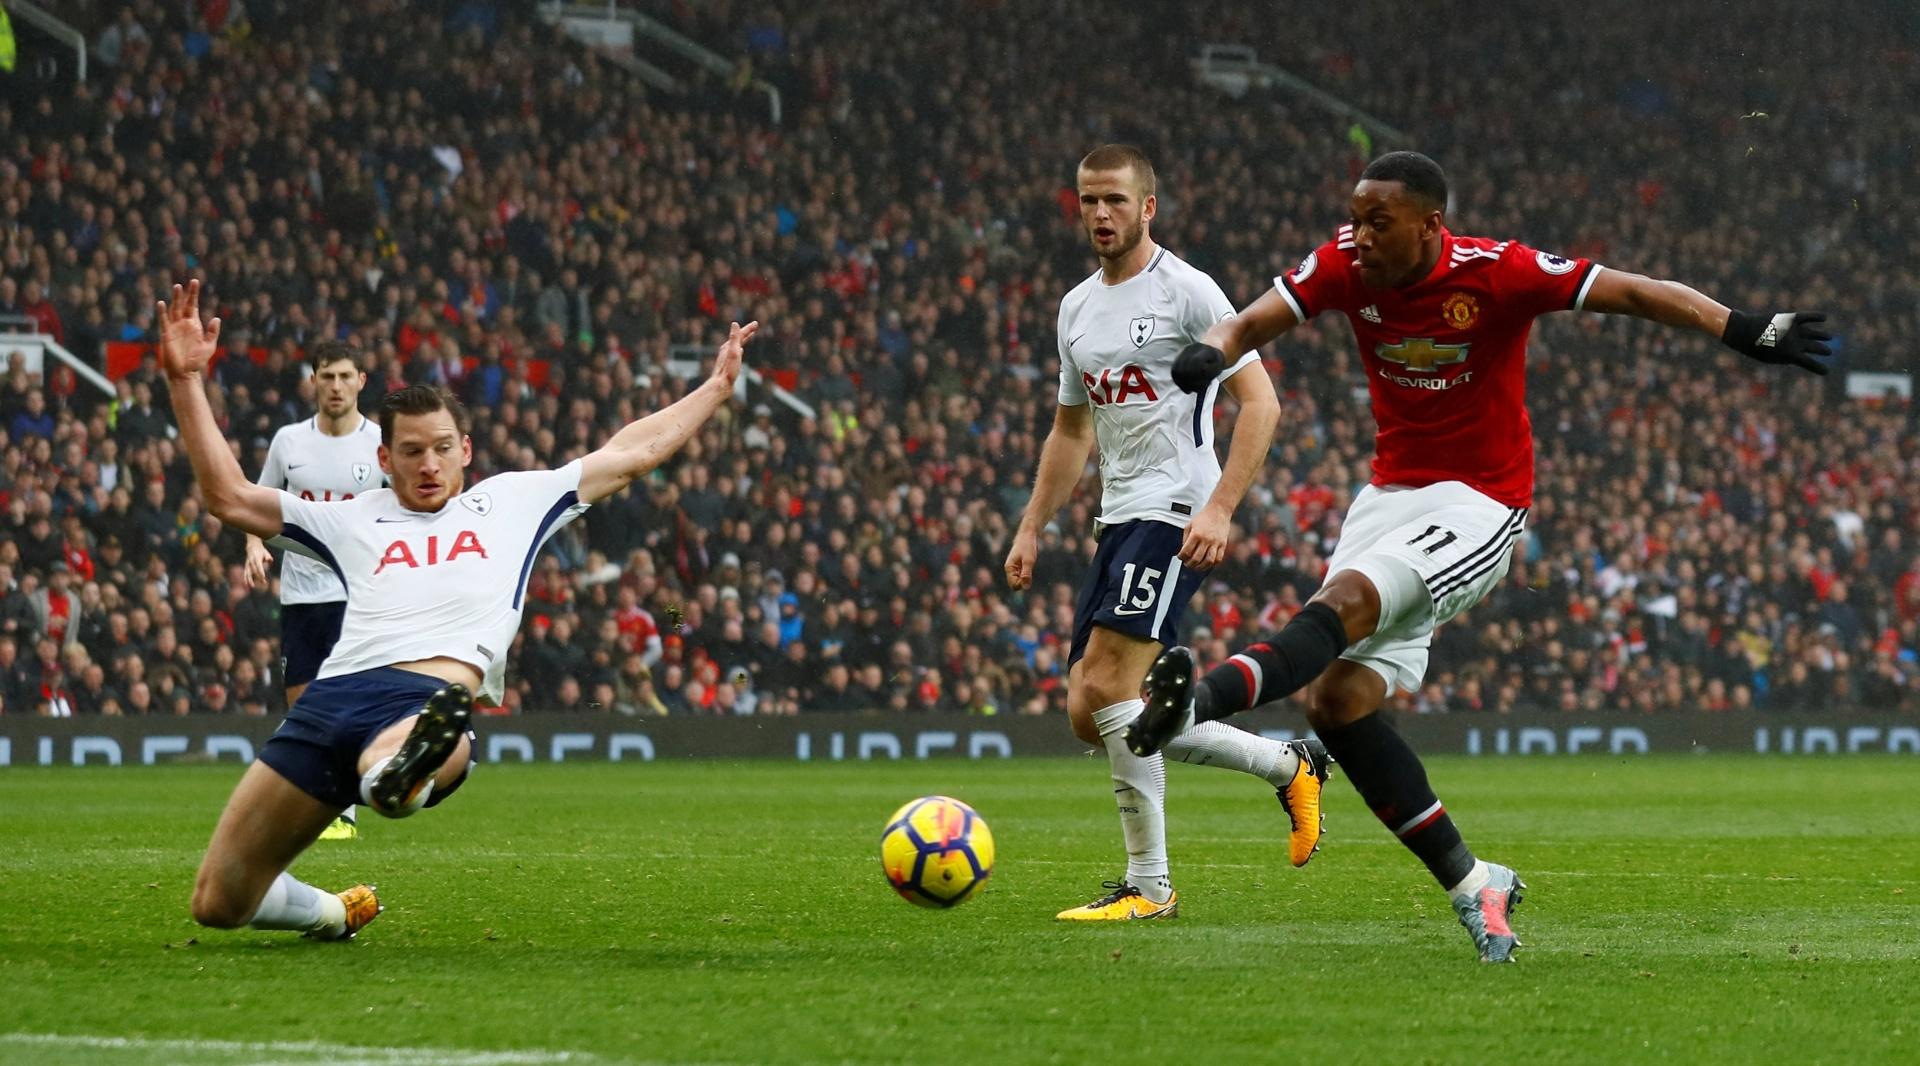 Martial finaliza para marcar o gol da vitória do United sobre o Tottenham